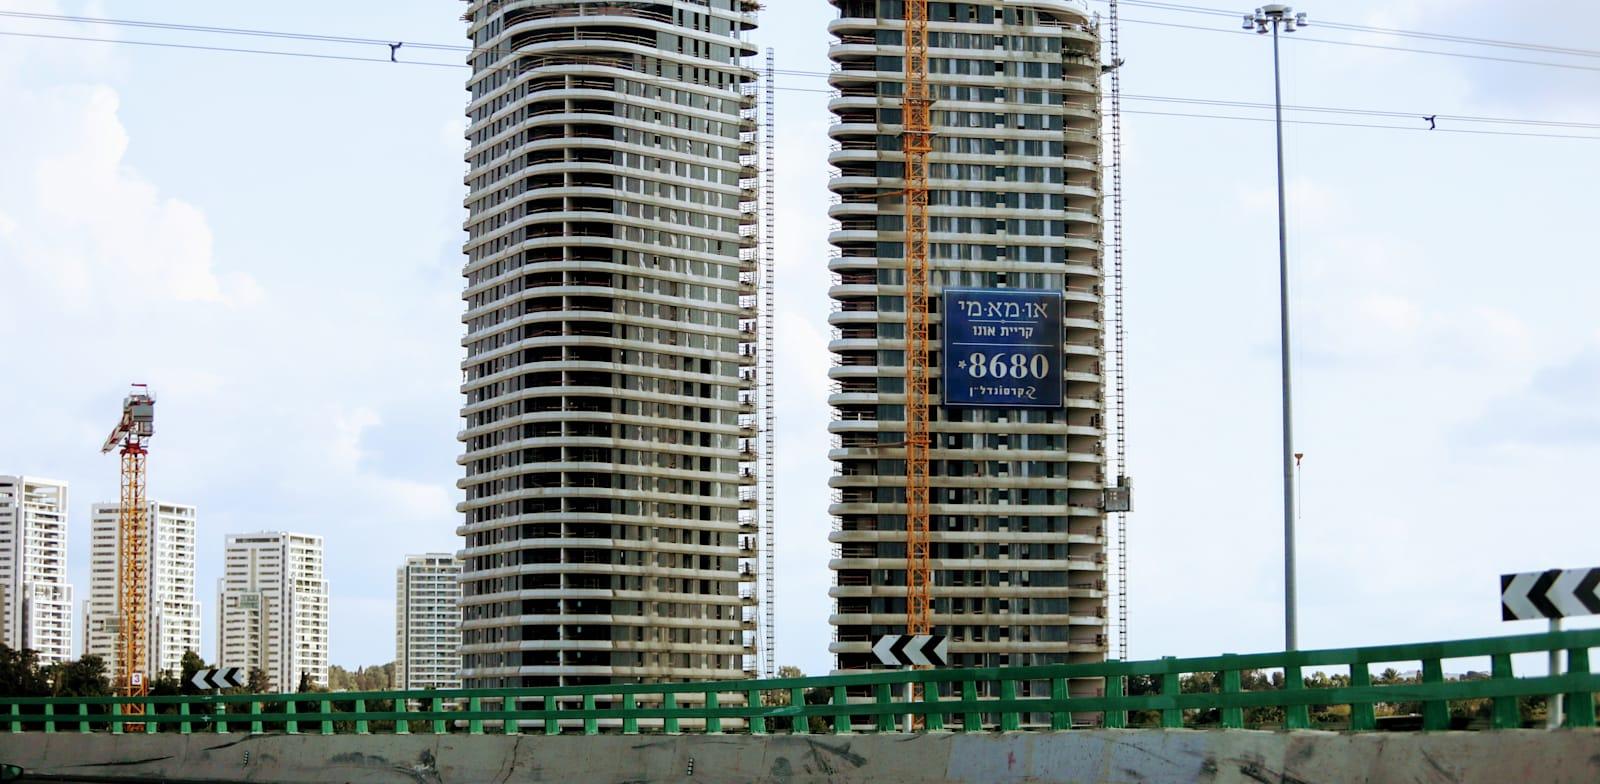 בנייה / צילום: שלומי יוסף